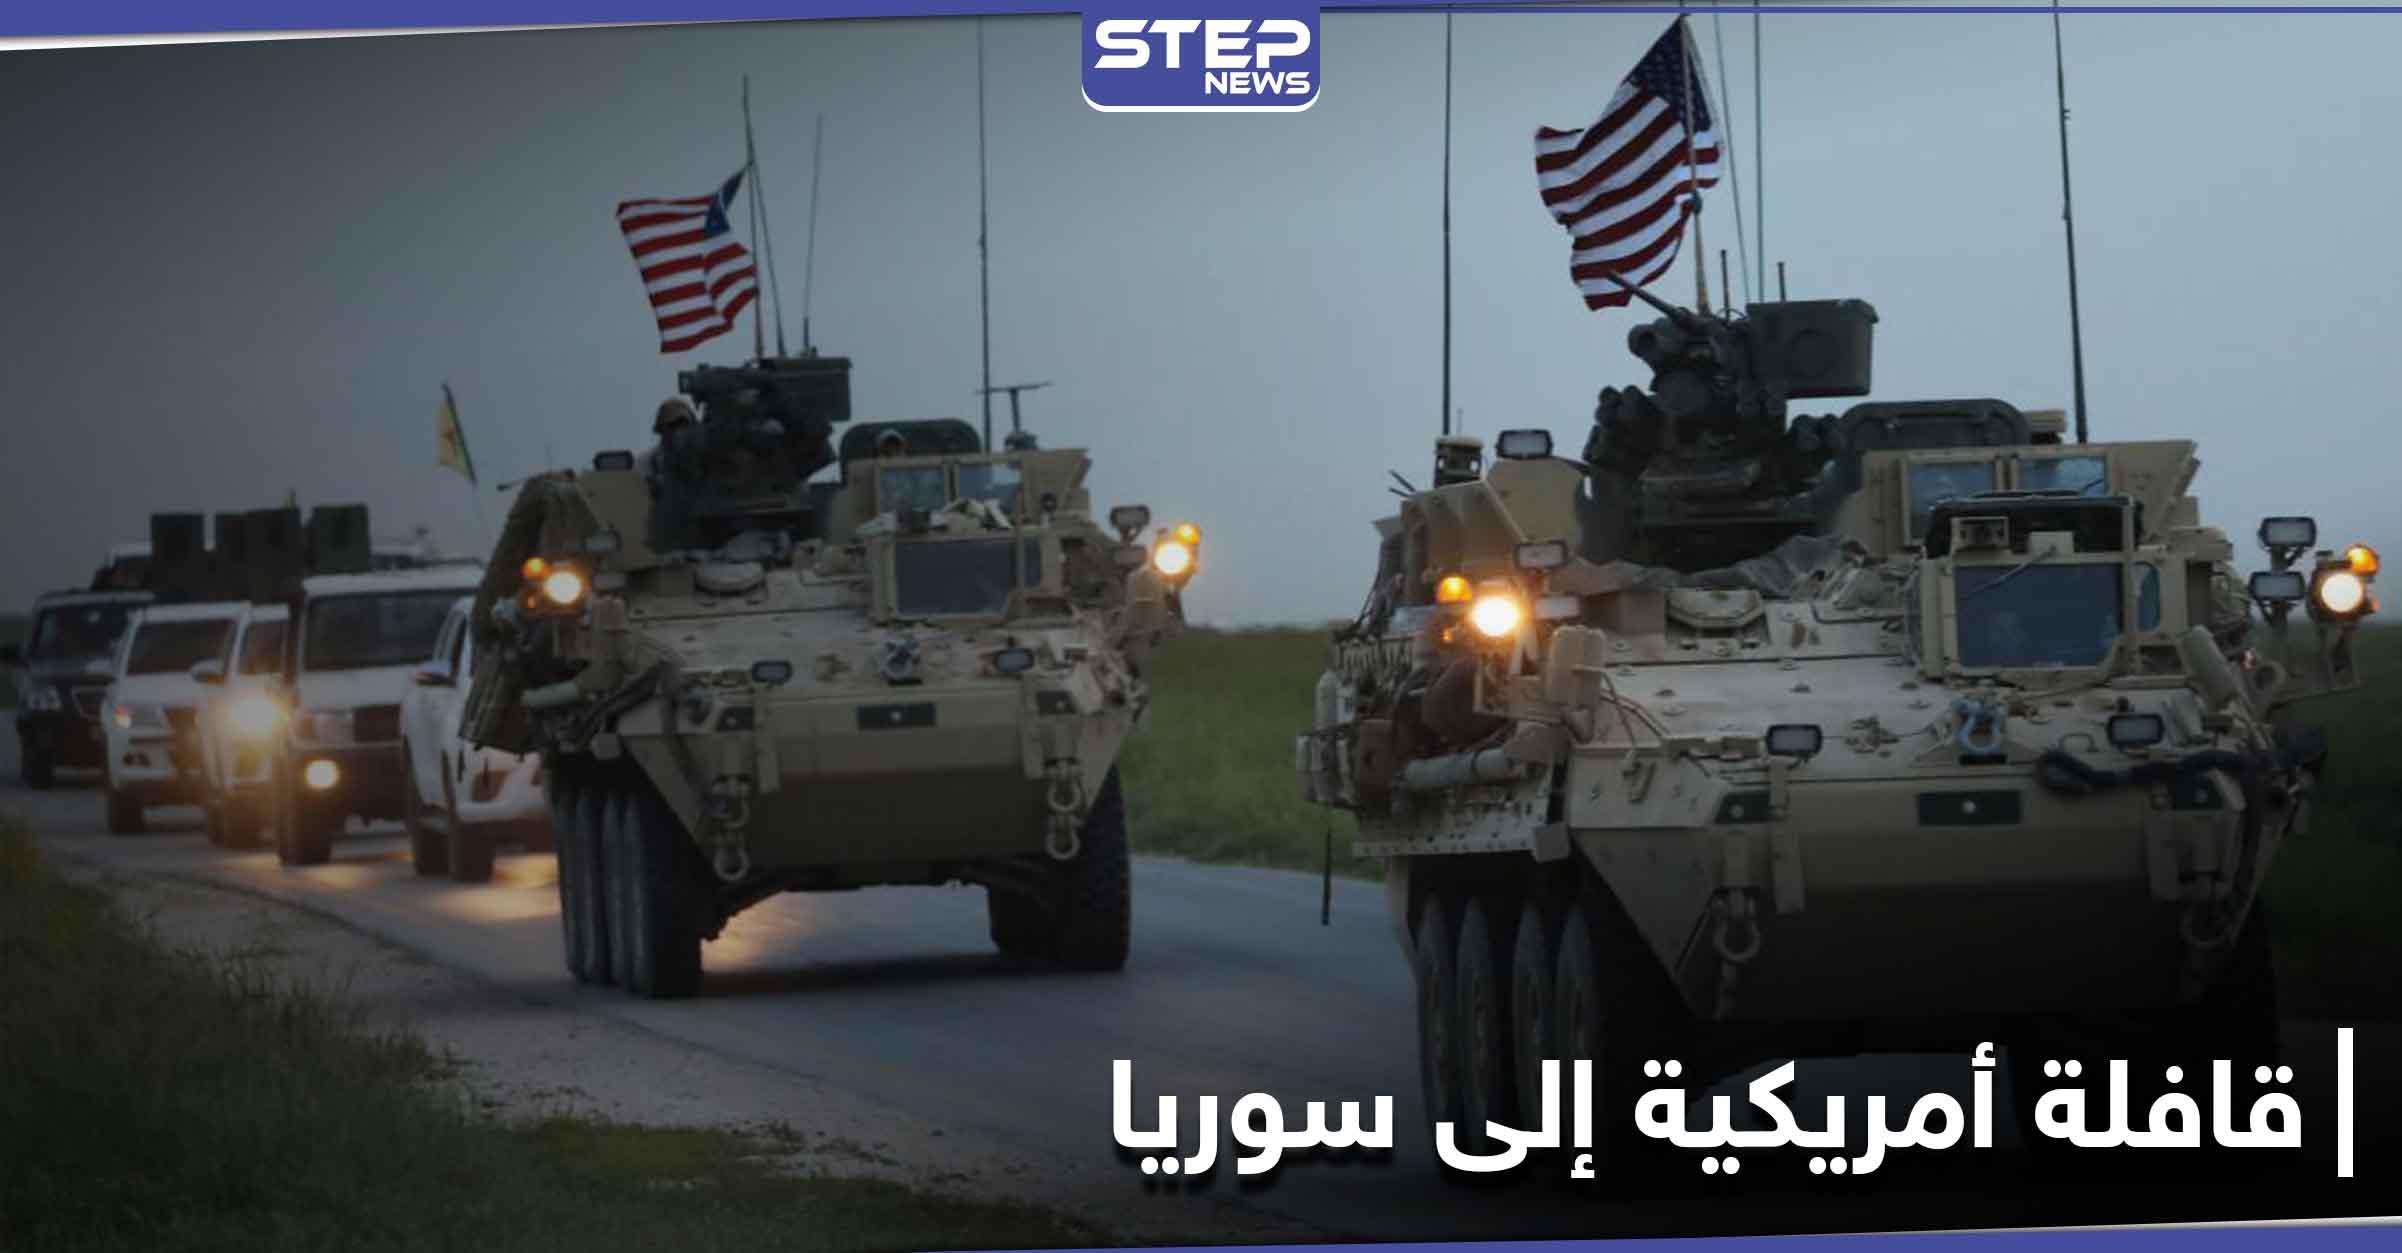 قادمة من العراق.. قافلة جديدة للتحالف الدولي تدخل إلى حقول النفط في سوريا